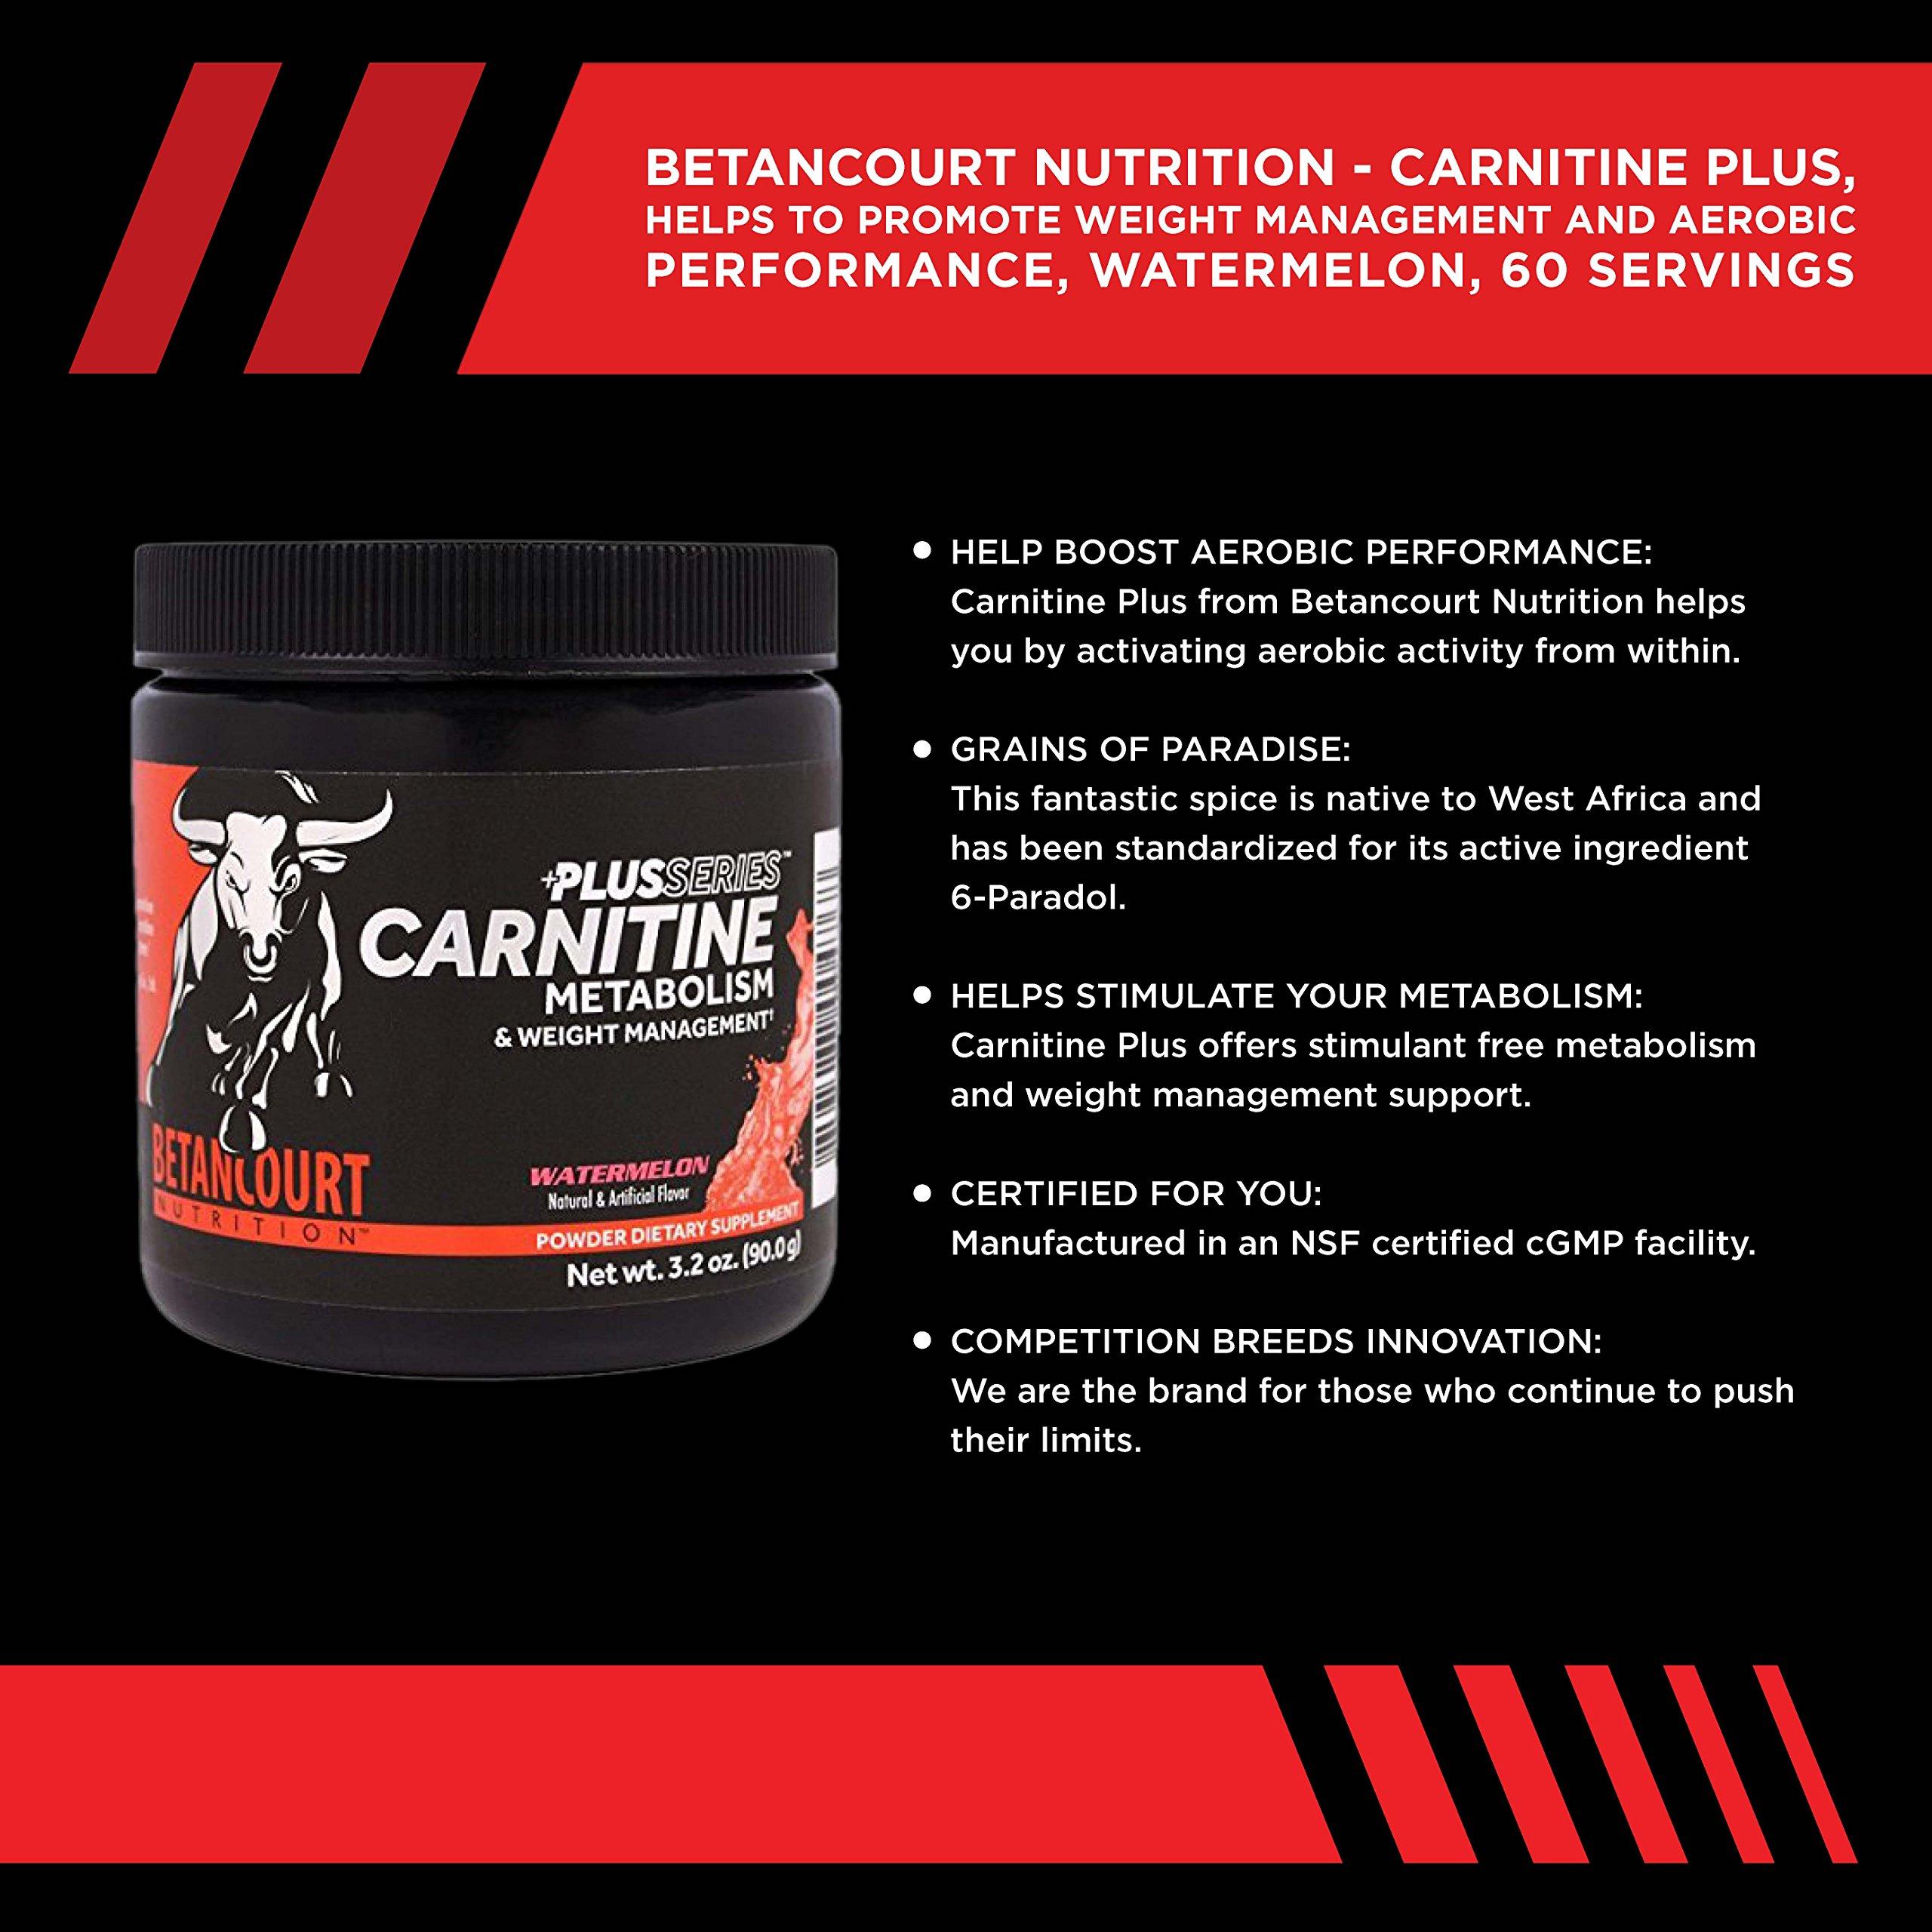 Betancourt Nutrition Plus Series Carnitine Plus Watermelon - 60 Servings